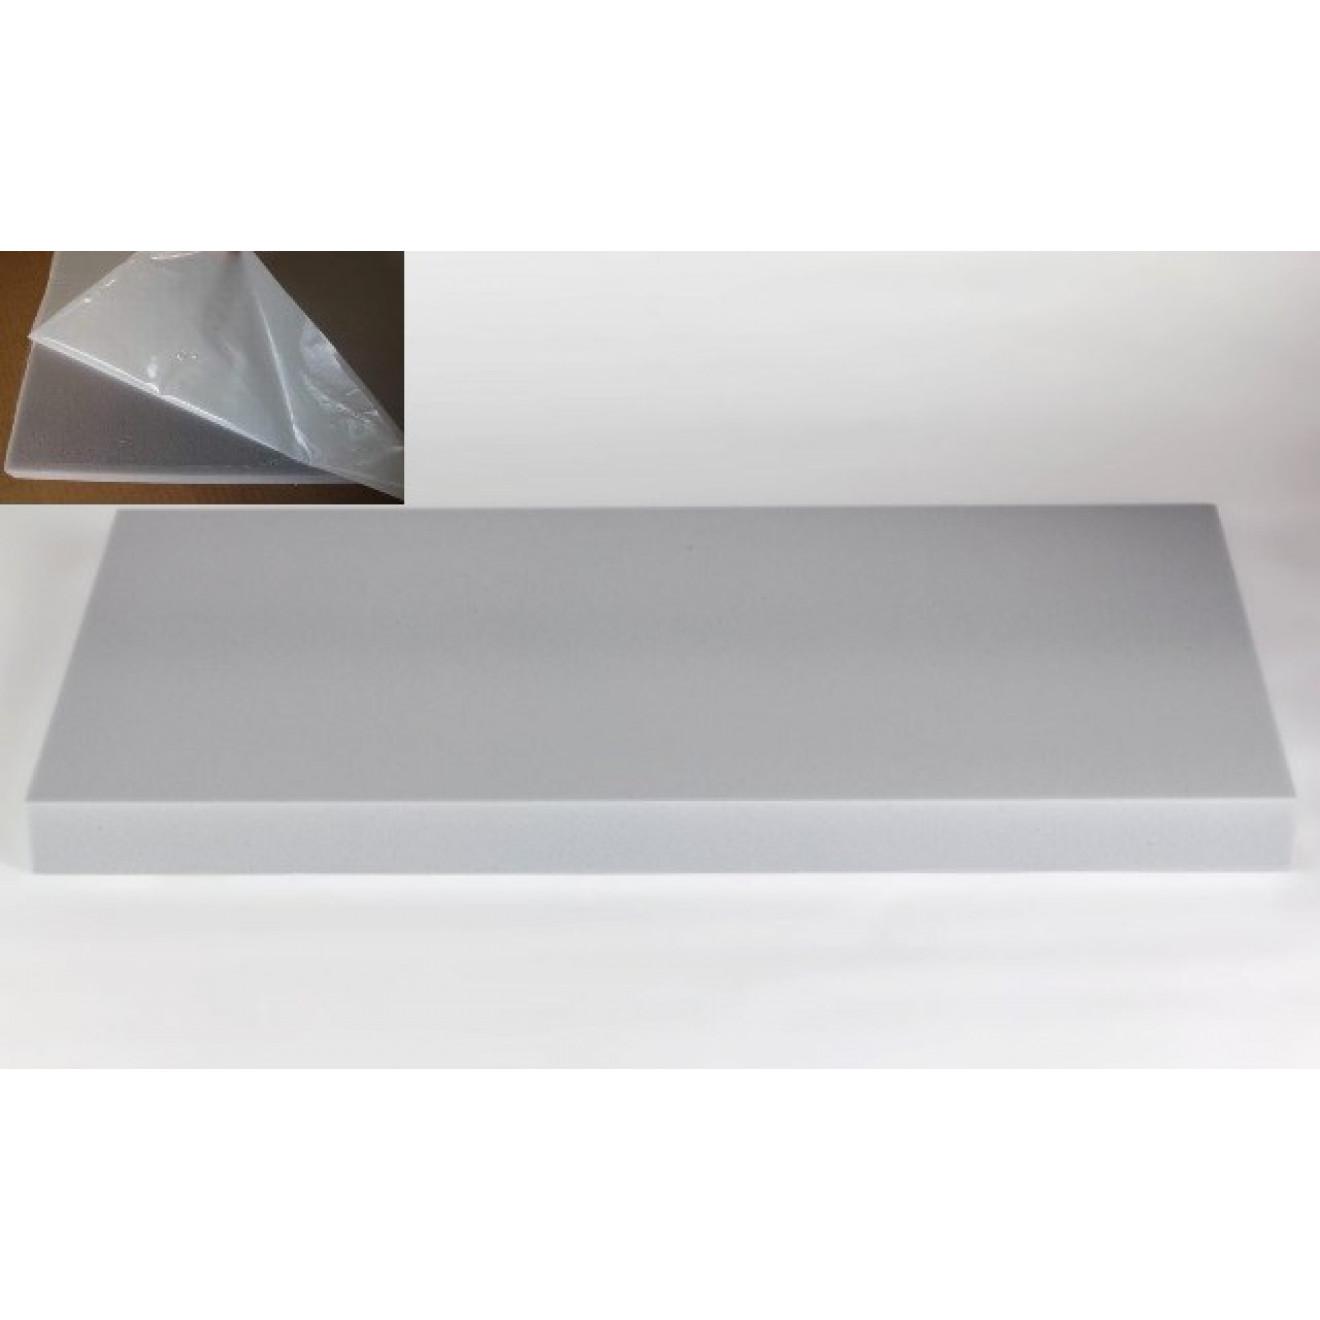 Absorbeur basotect pour acoustique int rieure - Plaque bitume isolation phonique ...